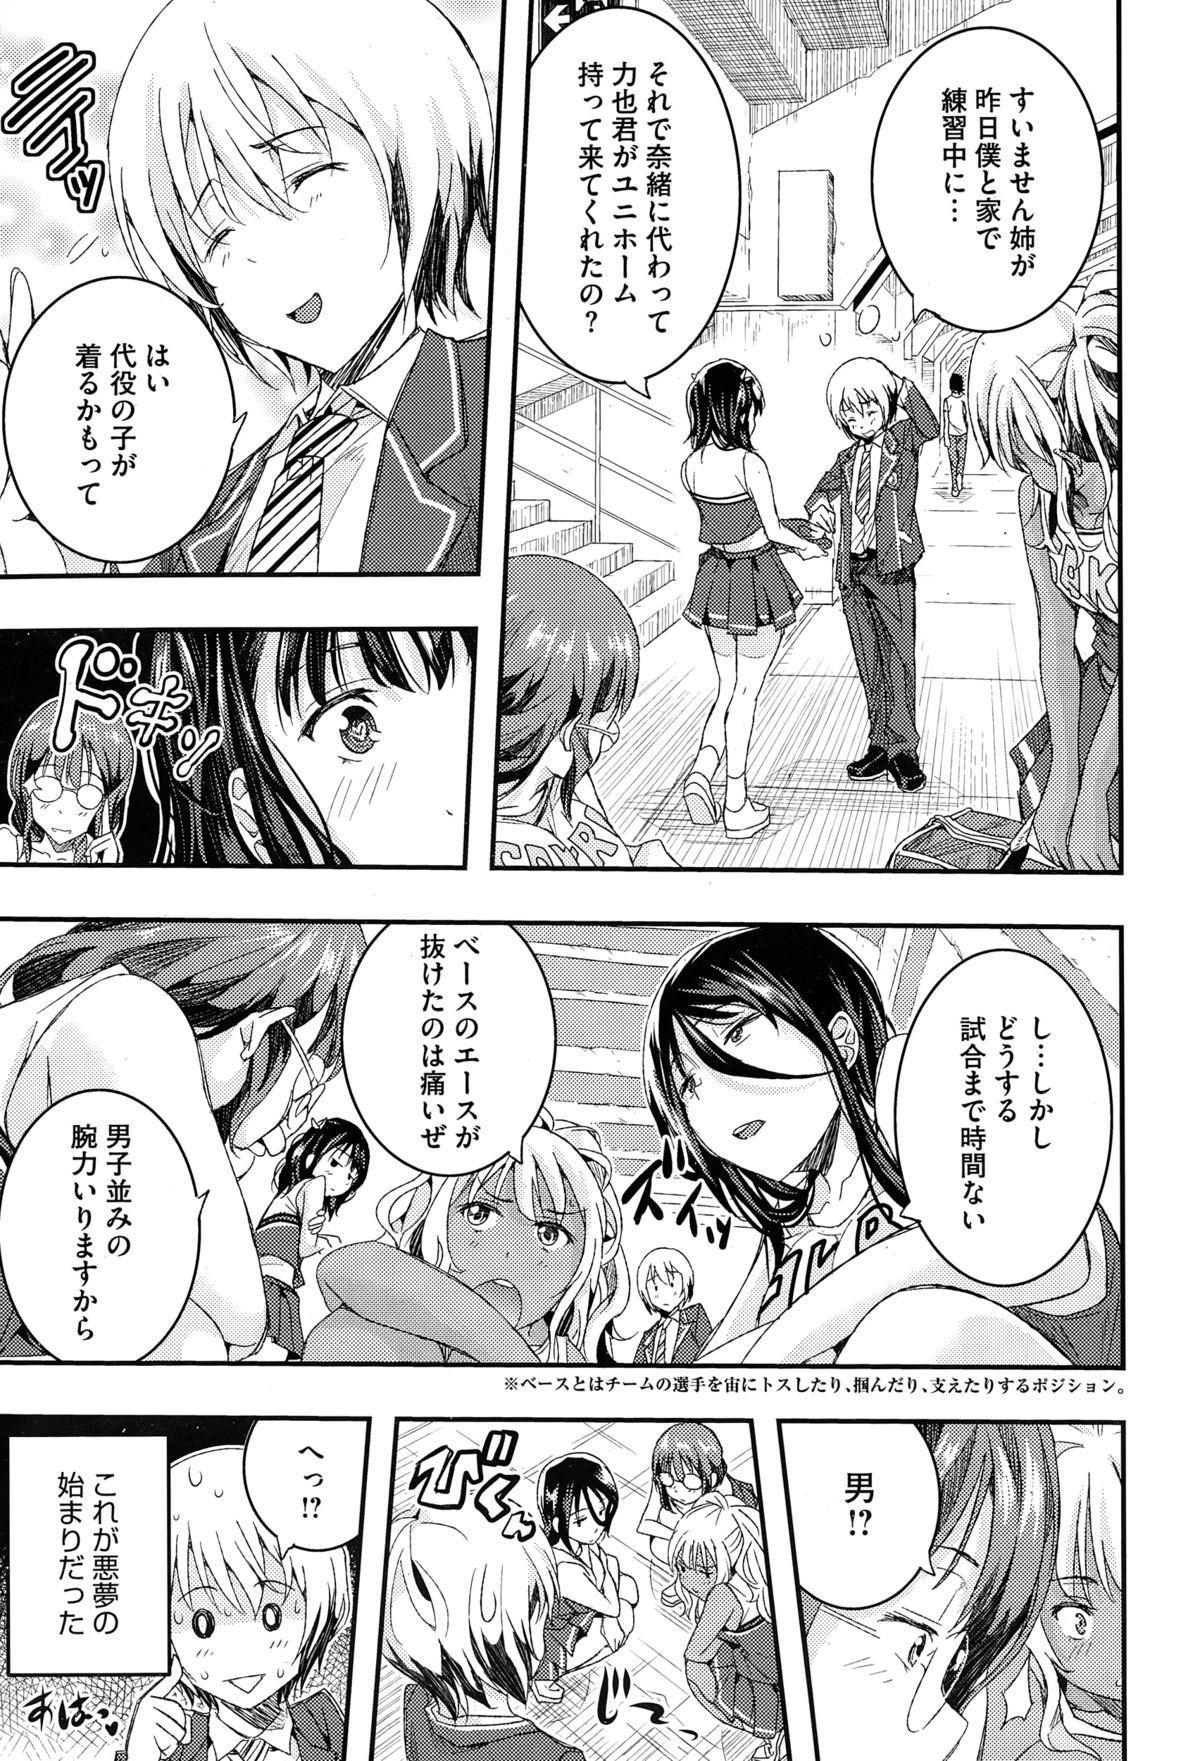 Otome no Mitame ga Kawaisugite Tamaranai 4